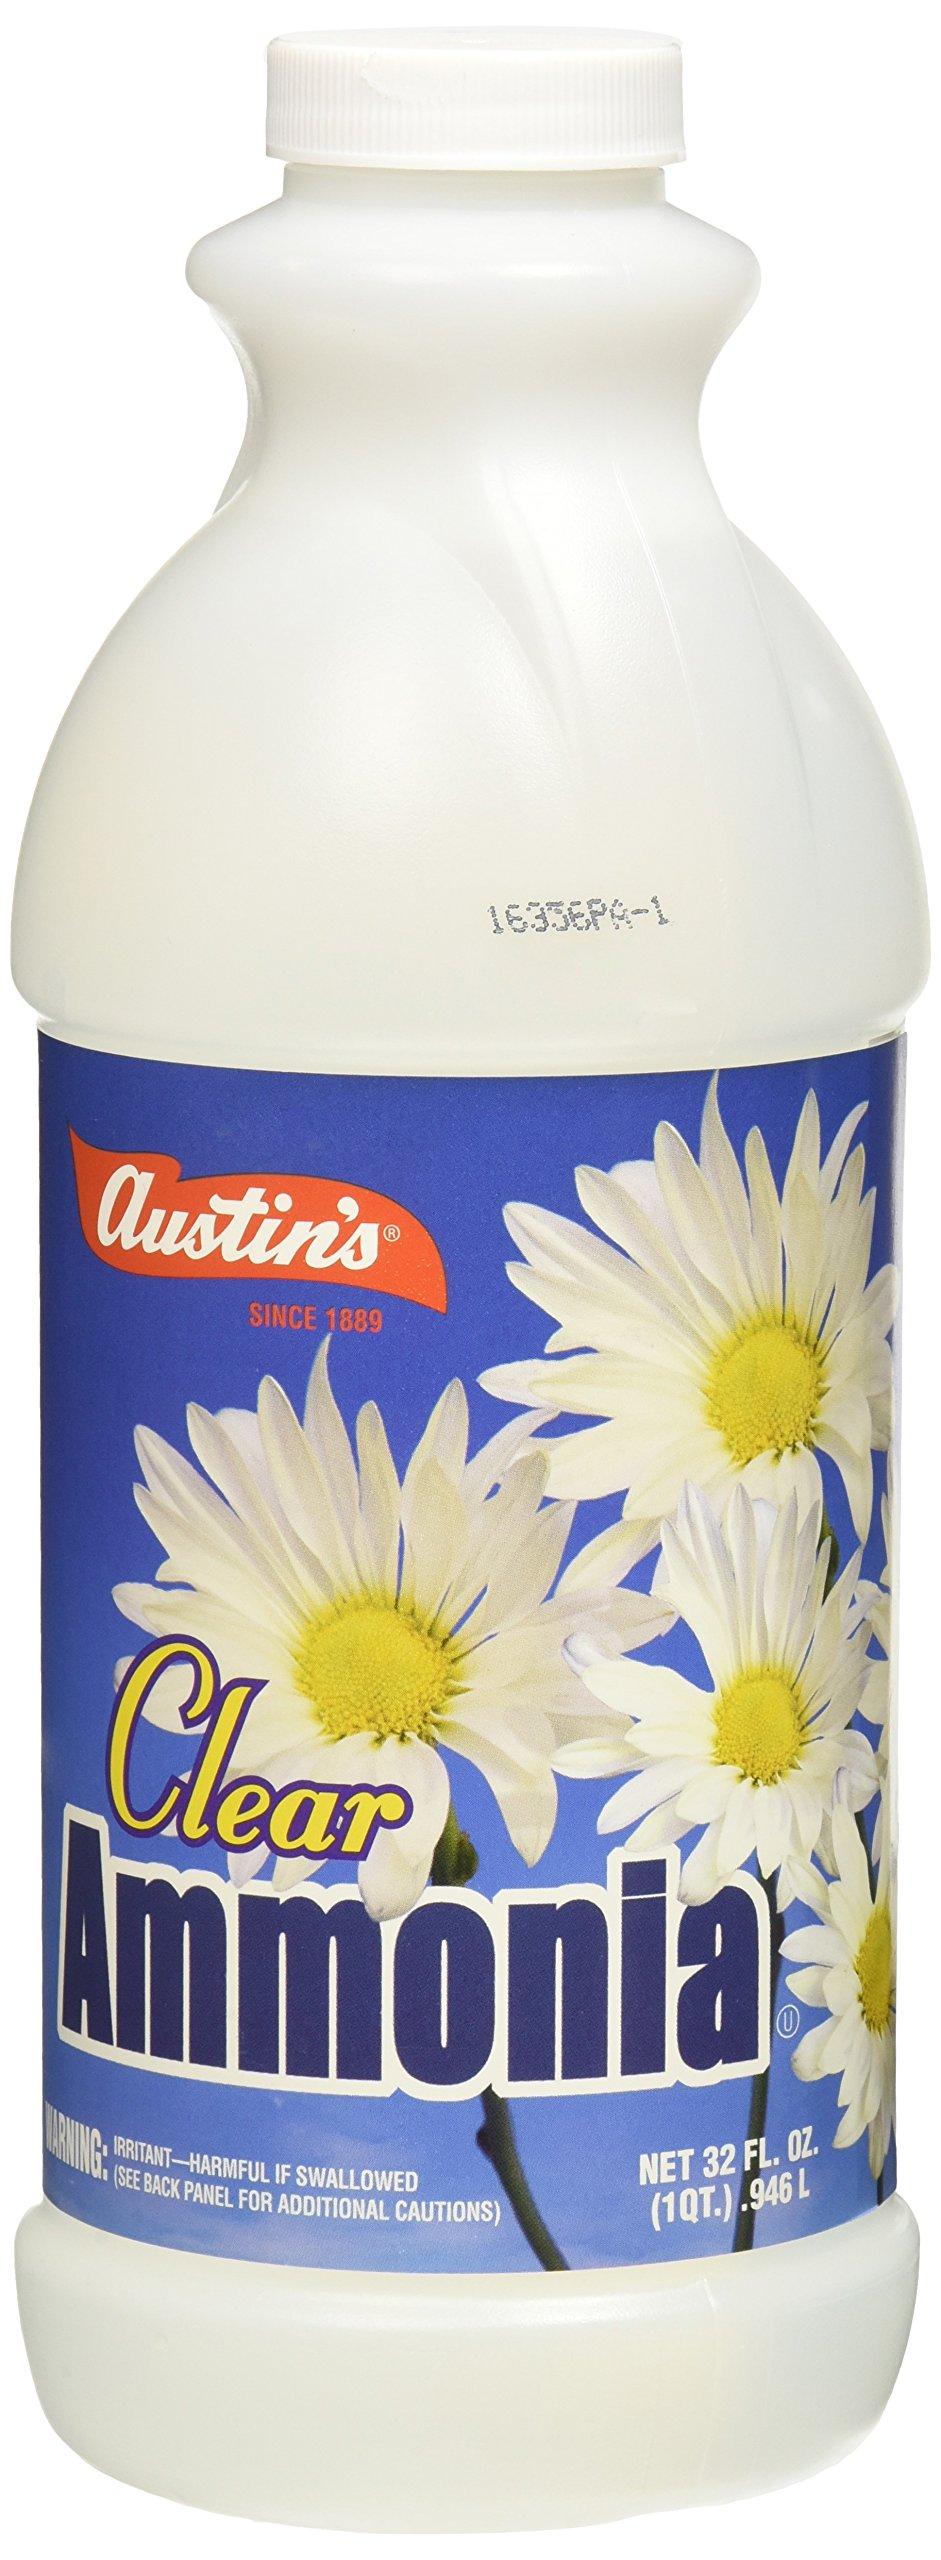 JAMES AUSTIN CO 50 Multi-Purpose Colorless Cleaner Liquid, 32 oz